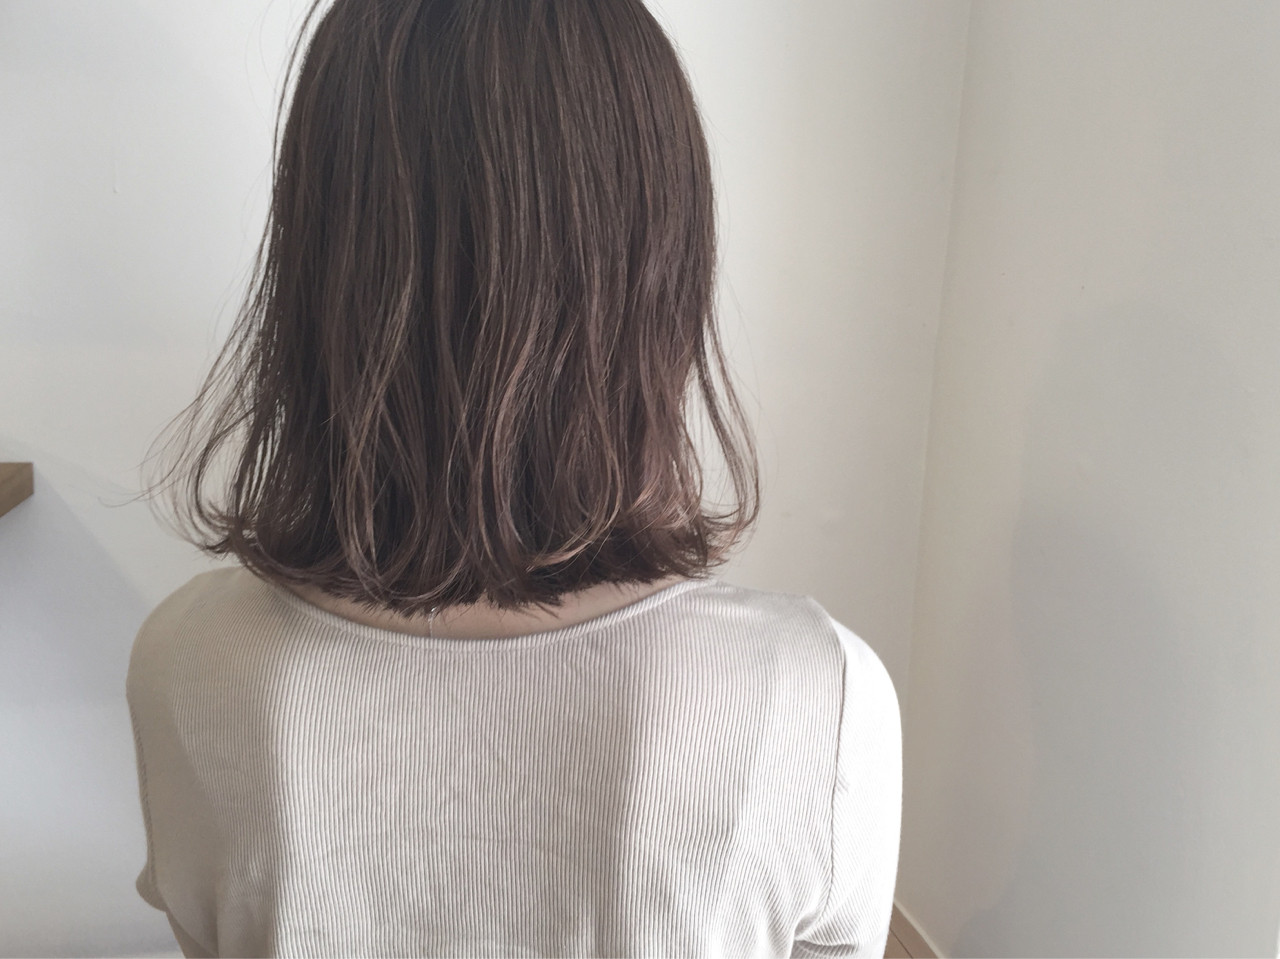 デート ボブ 外ハネ ナチュラル ヘアスタイルや髪型の写真・画像 | KENTO.NOESALON / NOE SALON